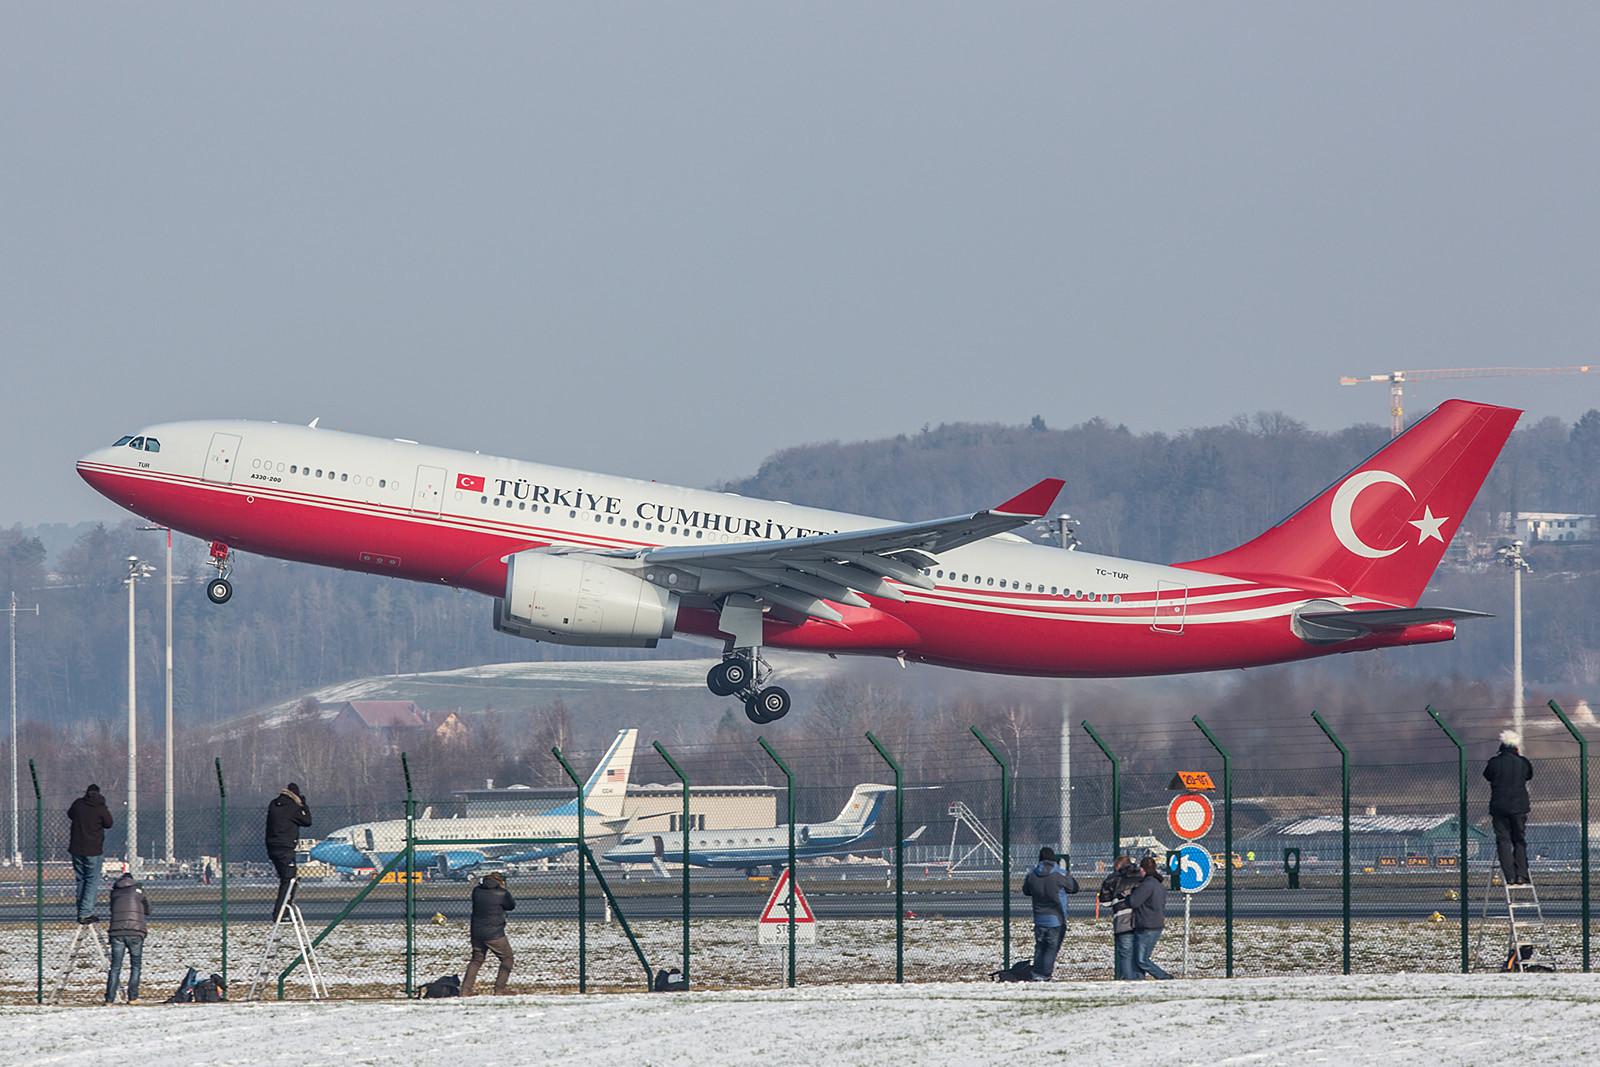 Der Regierungsjet aus der Türkei, TC-TUR ein A330-243 Prestige